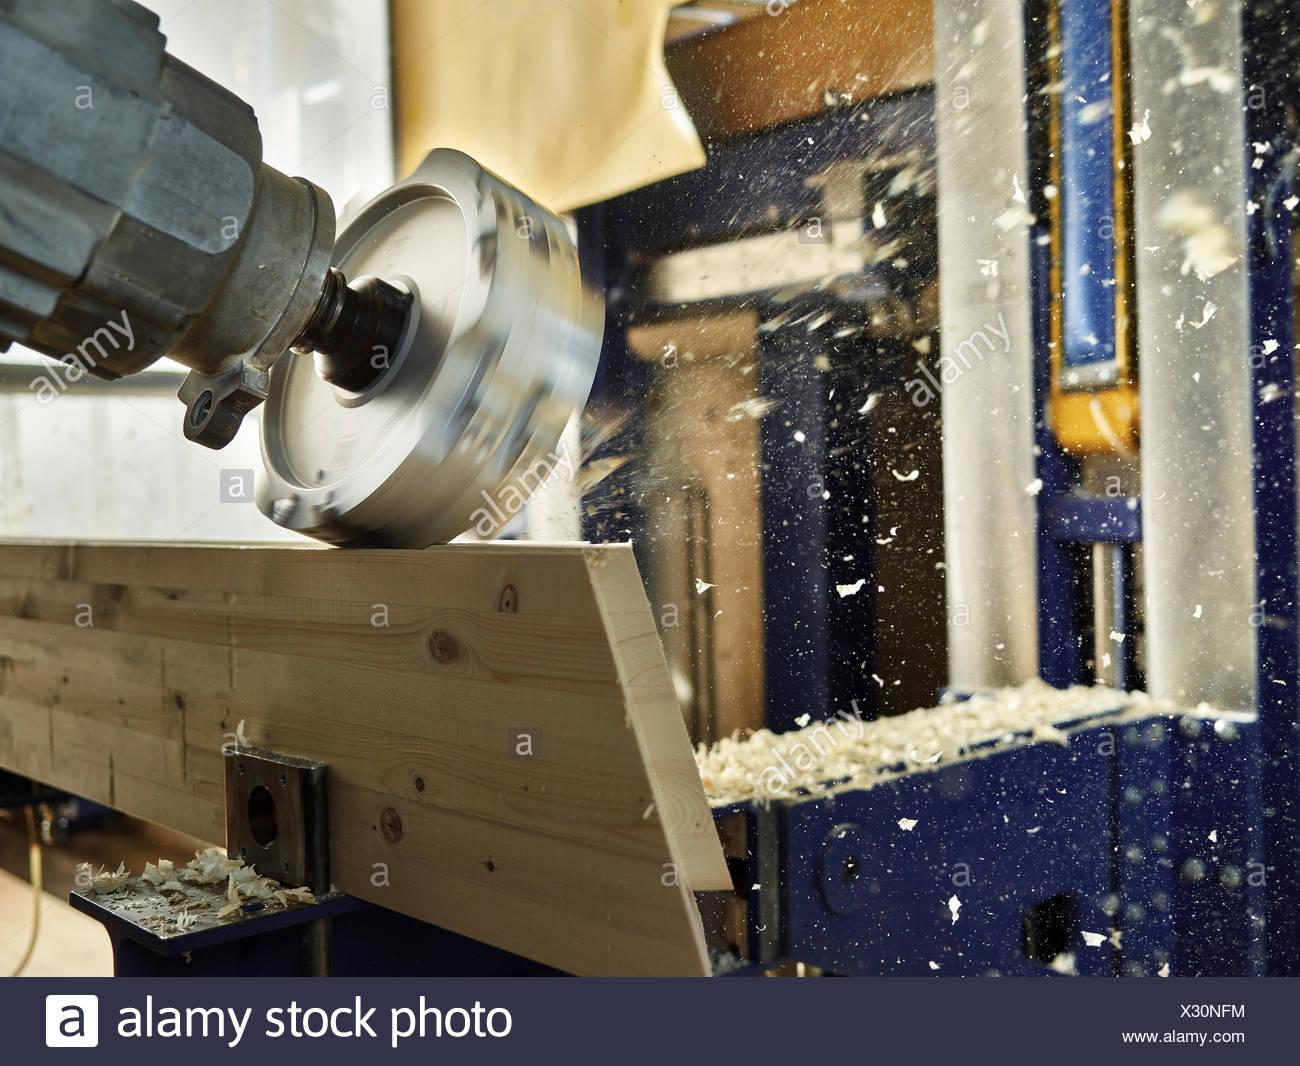 Holz Fräsmaschine Gestaltung ein Holzbrett, Österreich Stockfoto